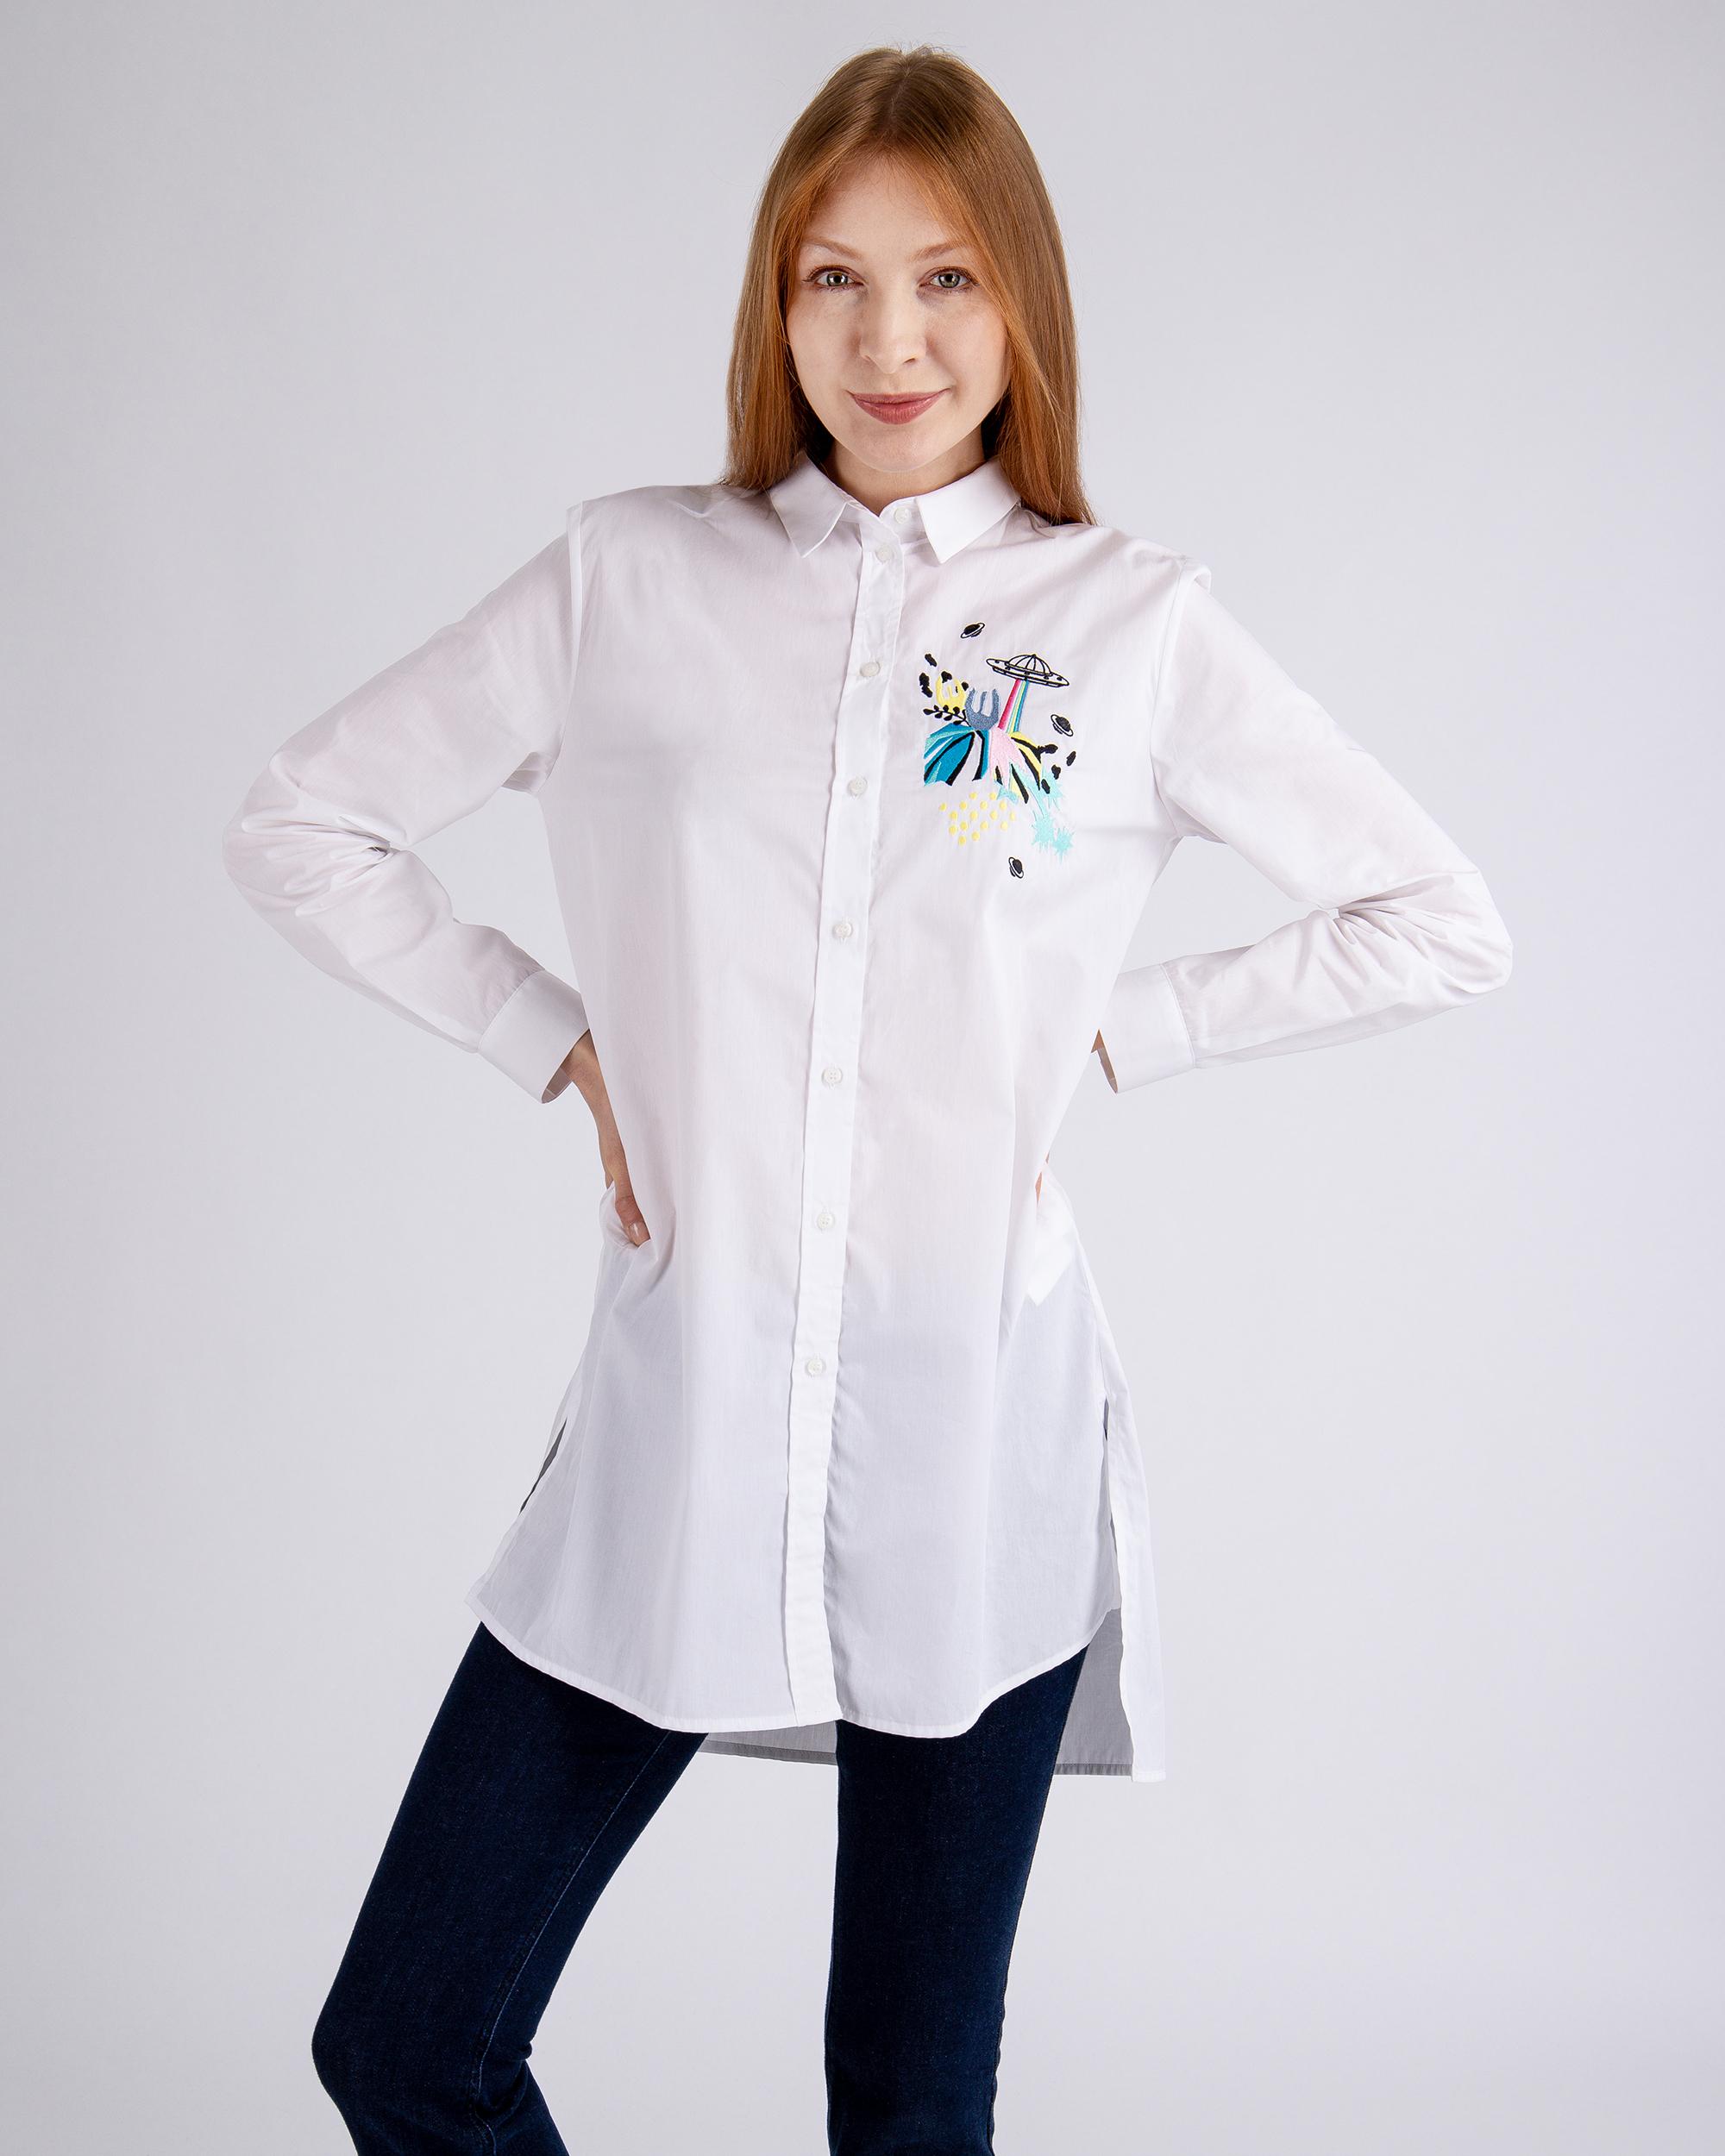 3f792830e28744 Koszula Trussardi Jeans 56C00167_1T002287_W001 biały - Royal ...